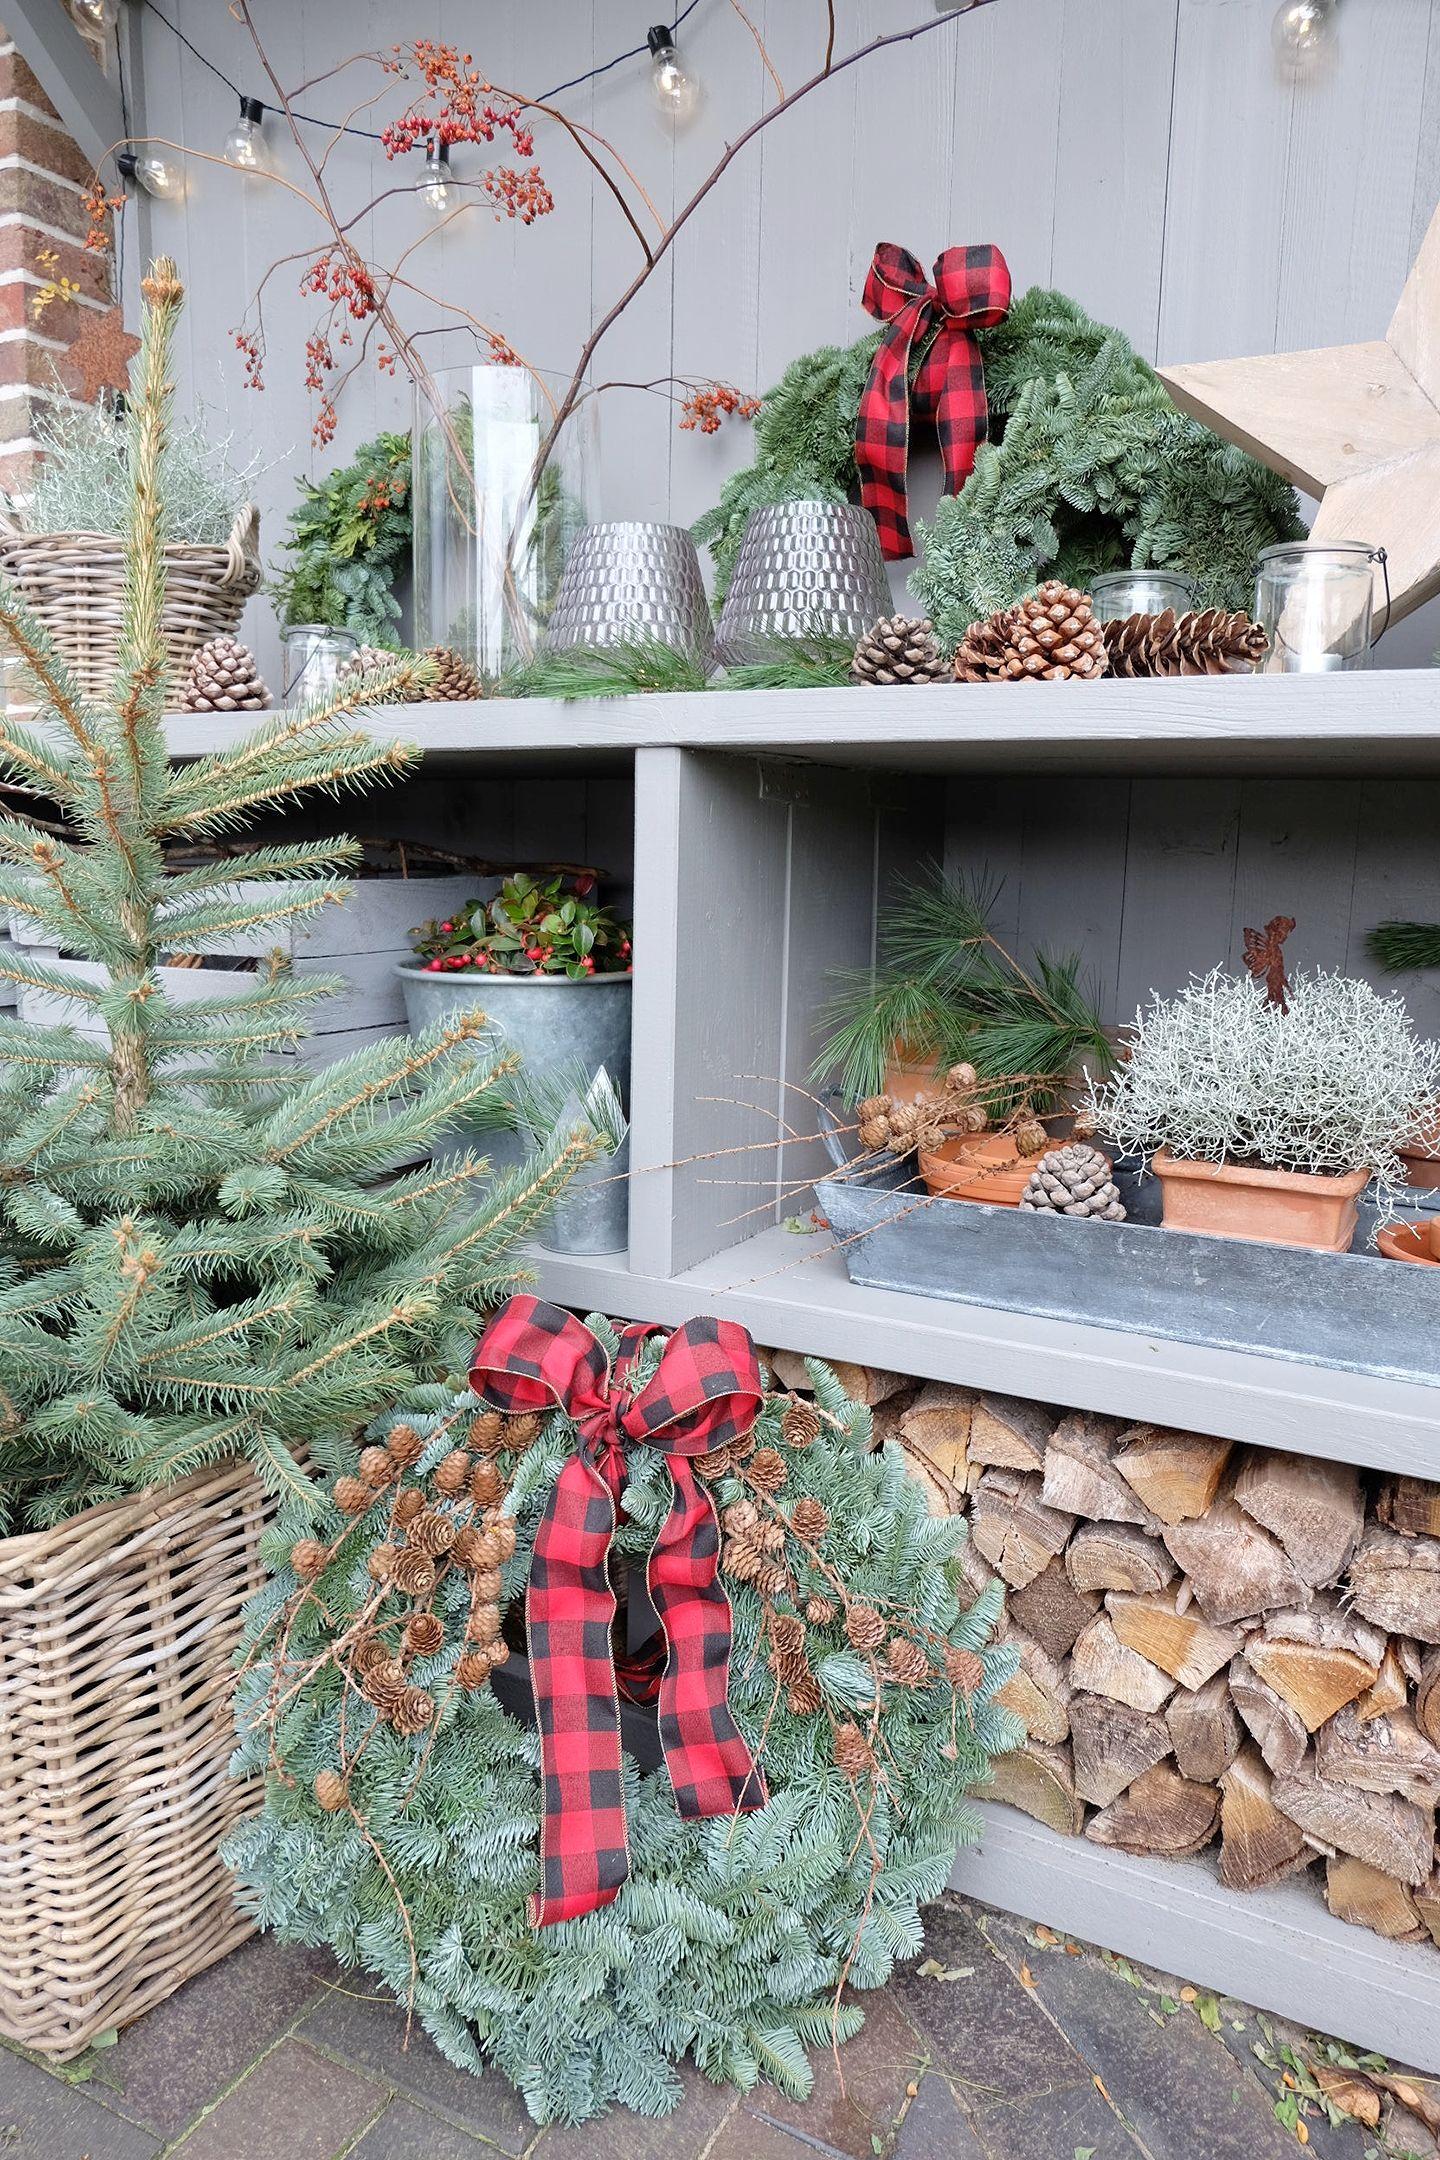 Winterlich Dekorieren Im Garten Unser Garten Wird Winterfest Weihnachtlich Gestalten Weihnachten Dekoration Dekorieren